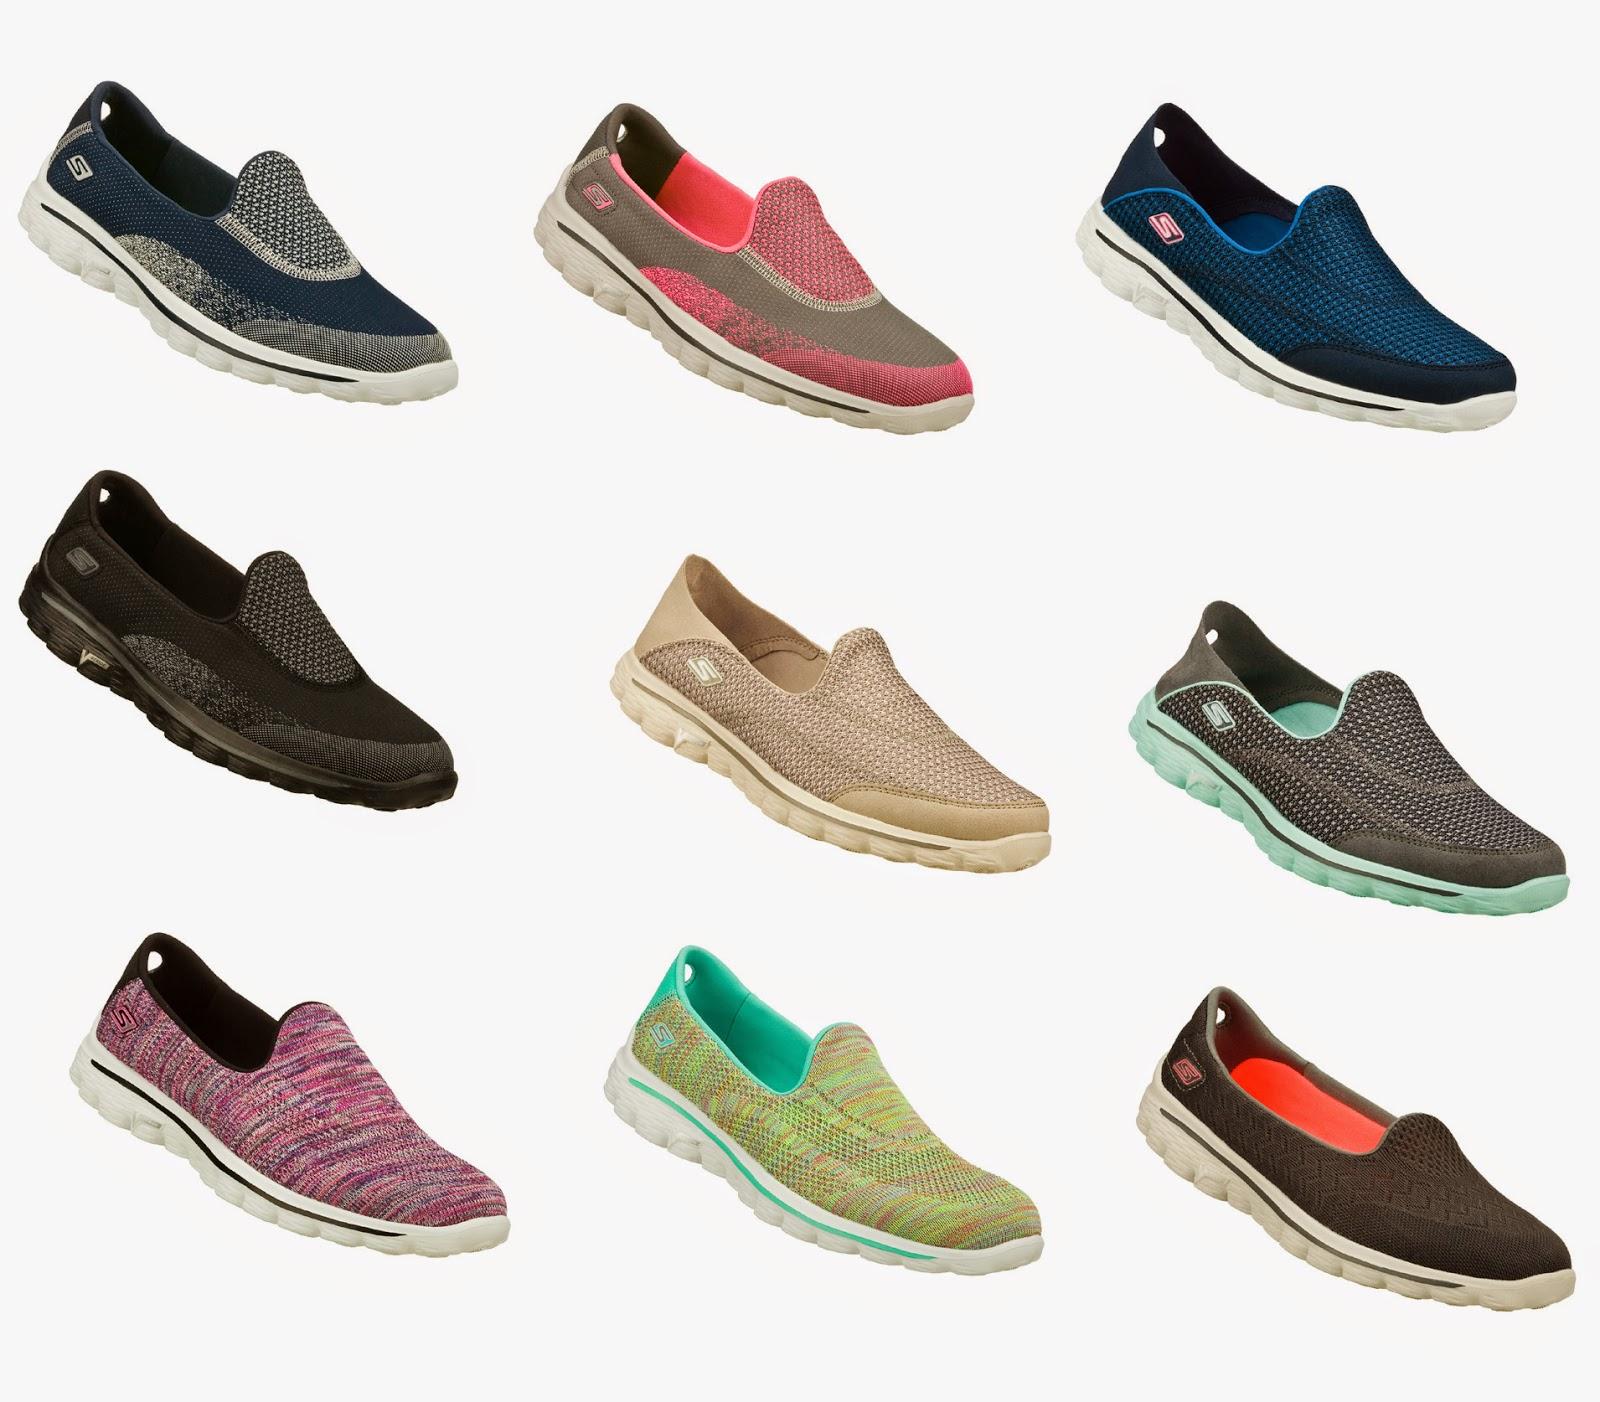 lowest price 74426 178ba nike air max 90 tokyo ghoul chaussures de course femmes rouge or remise pas  cher noir populaires auprs des jeunes